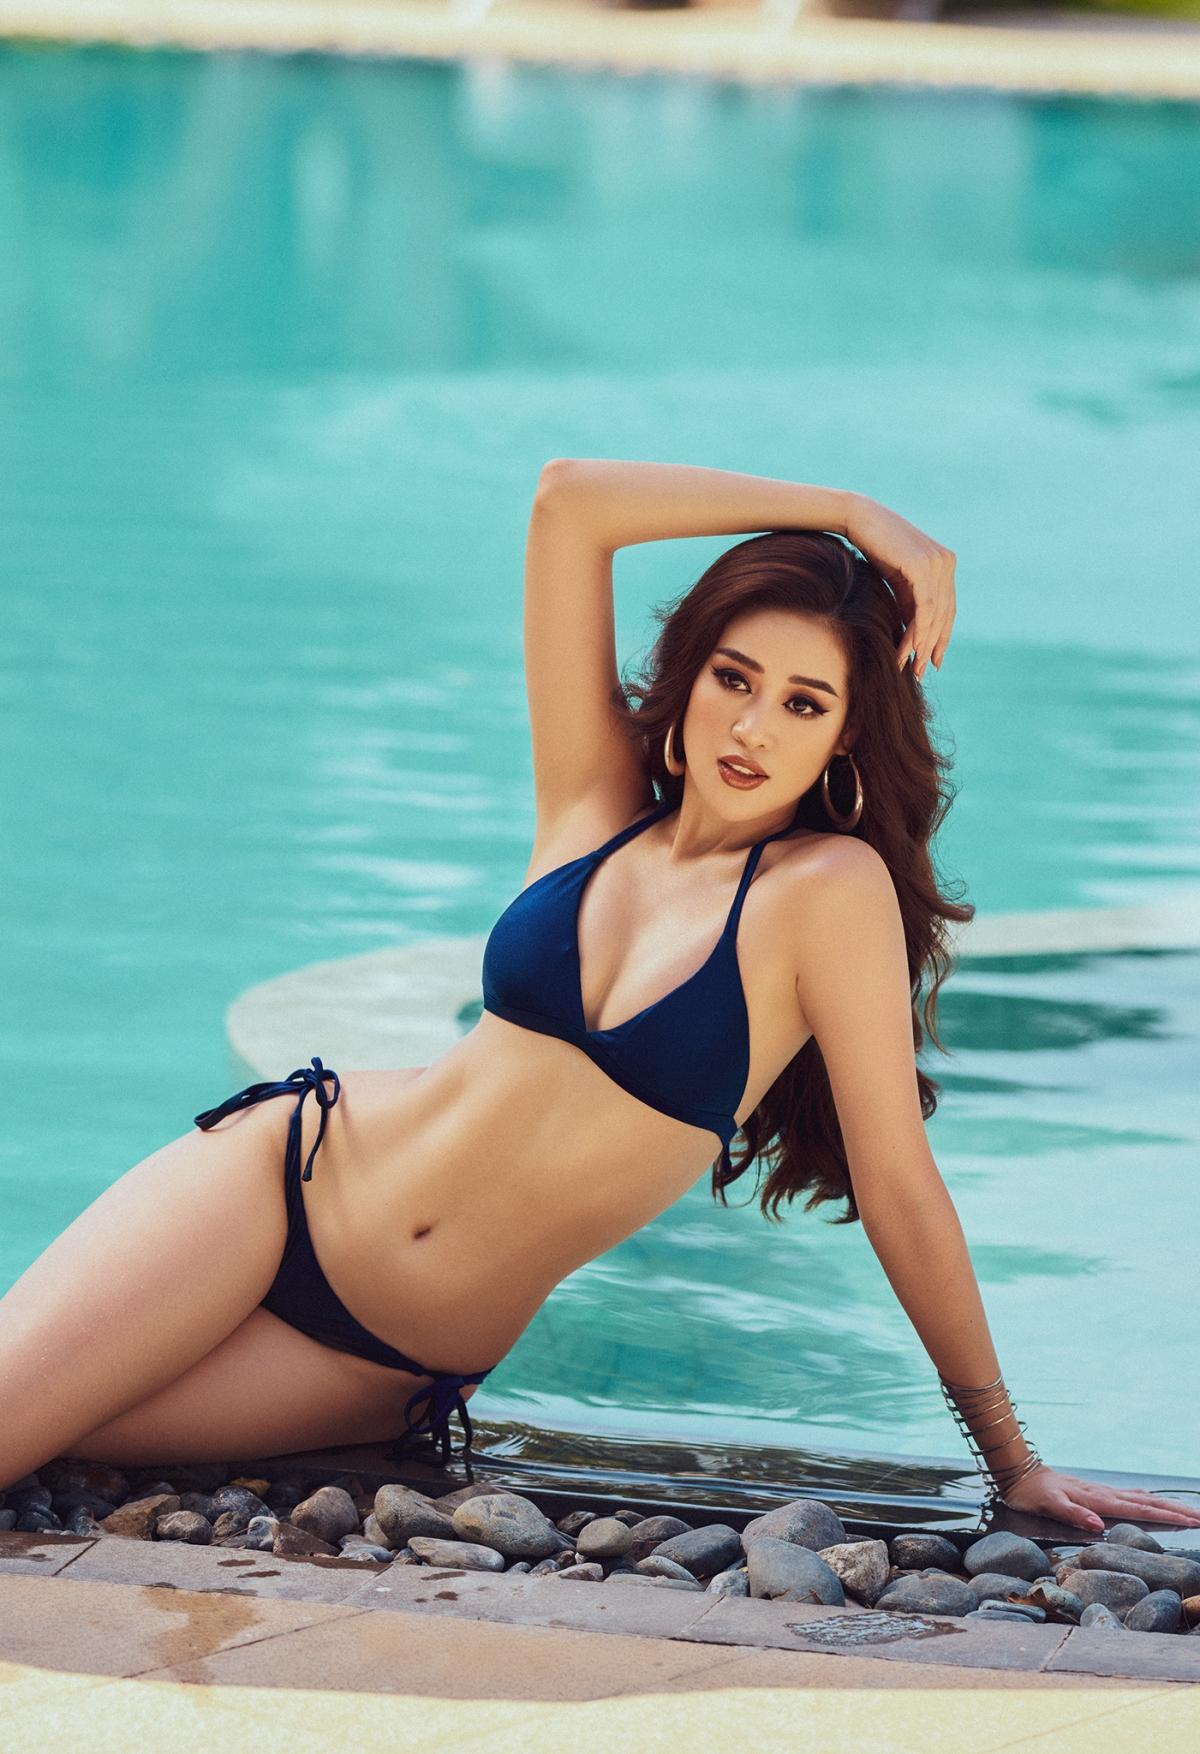 Khánh Vân bật mí, khi biết địa điểm diễn ra cuộc thi là Hard Rock Hotel & Casino, cô nghĩ ngay đến concept bikini hồ bơi để chuẩn bị trước cho những ngày thi sắp tới tại nơi đây.